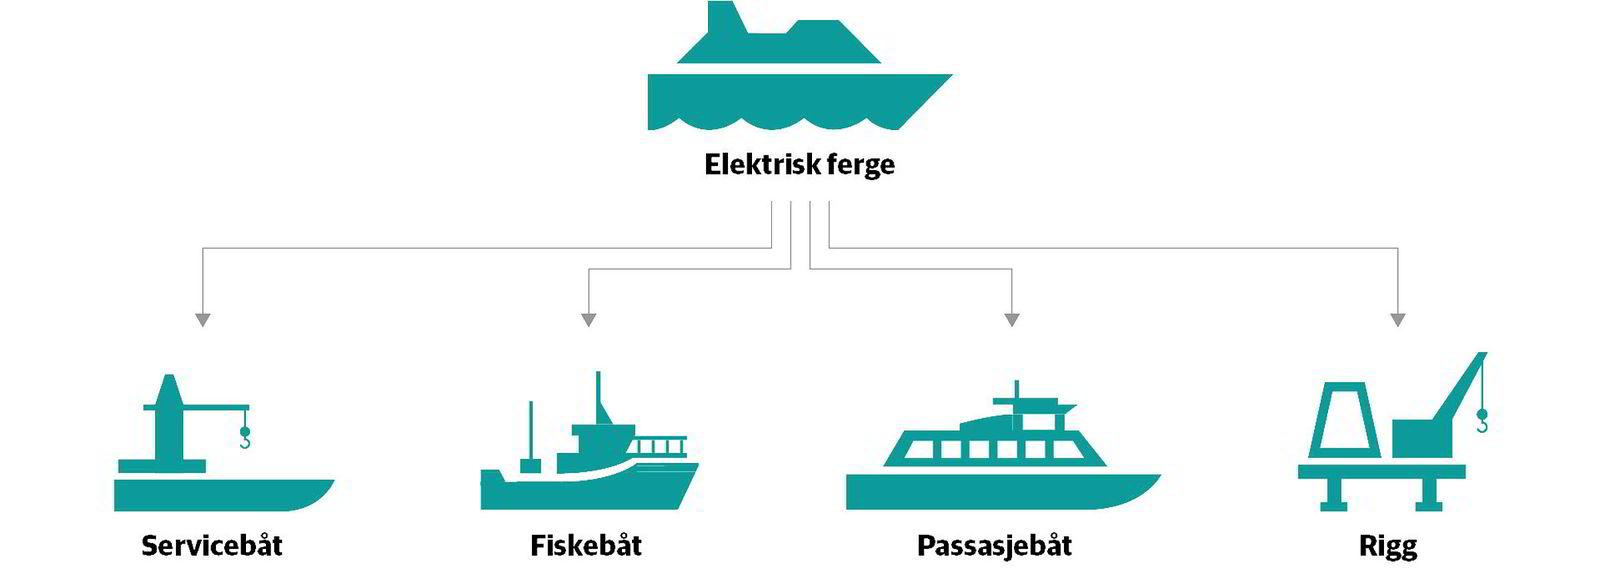 Når fergebatteriene er testet ut, er det lite i veien for å bruke motor-innovasjonen i andre deler av skipsflåten.